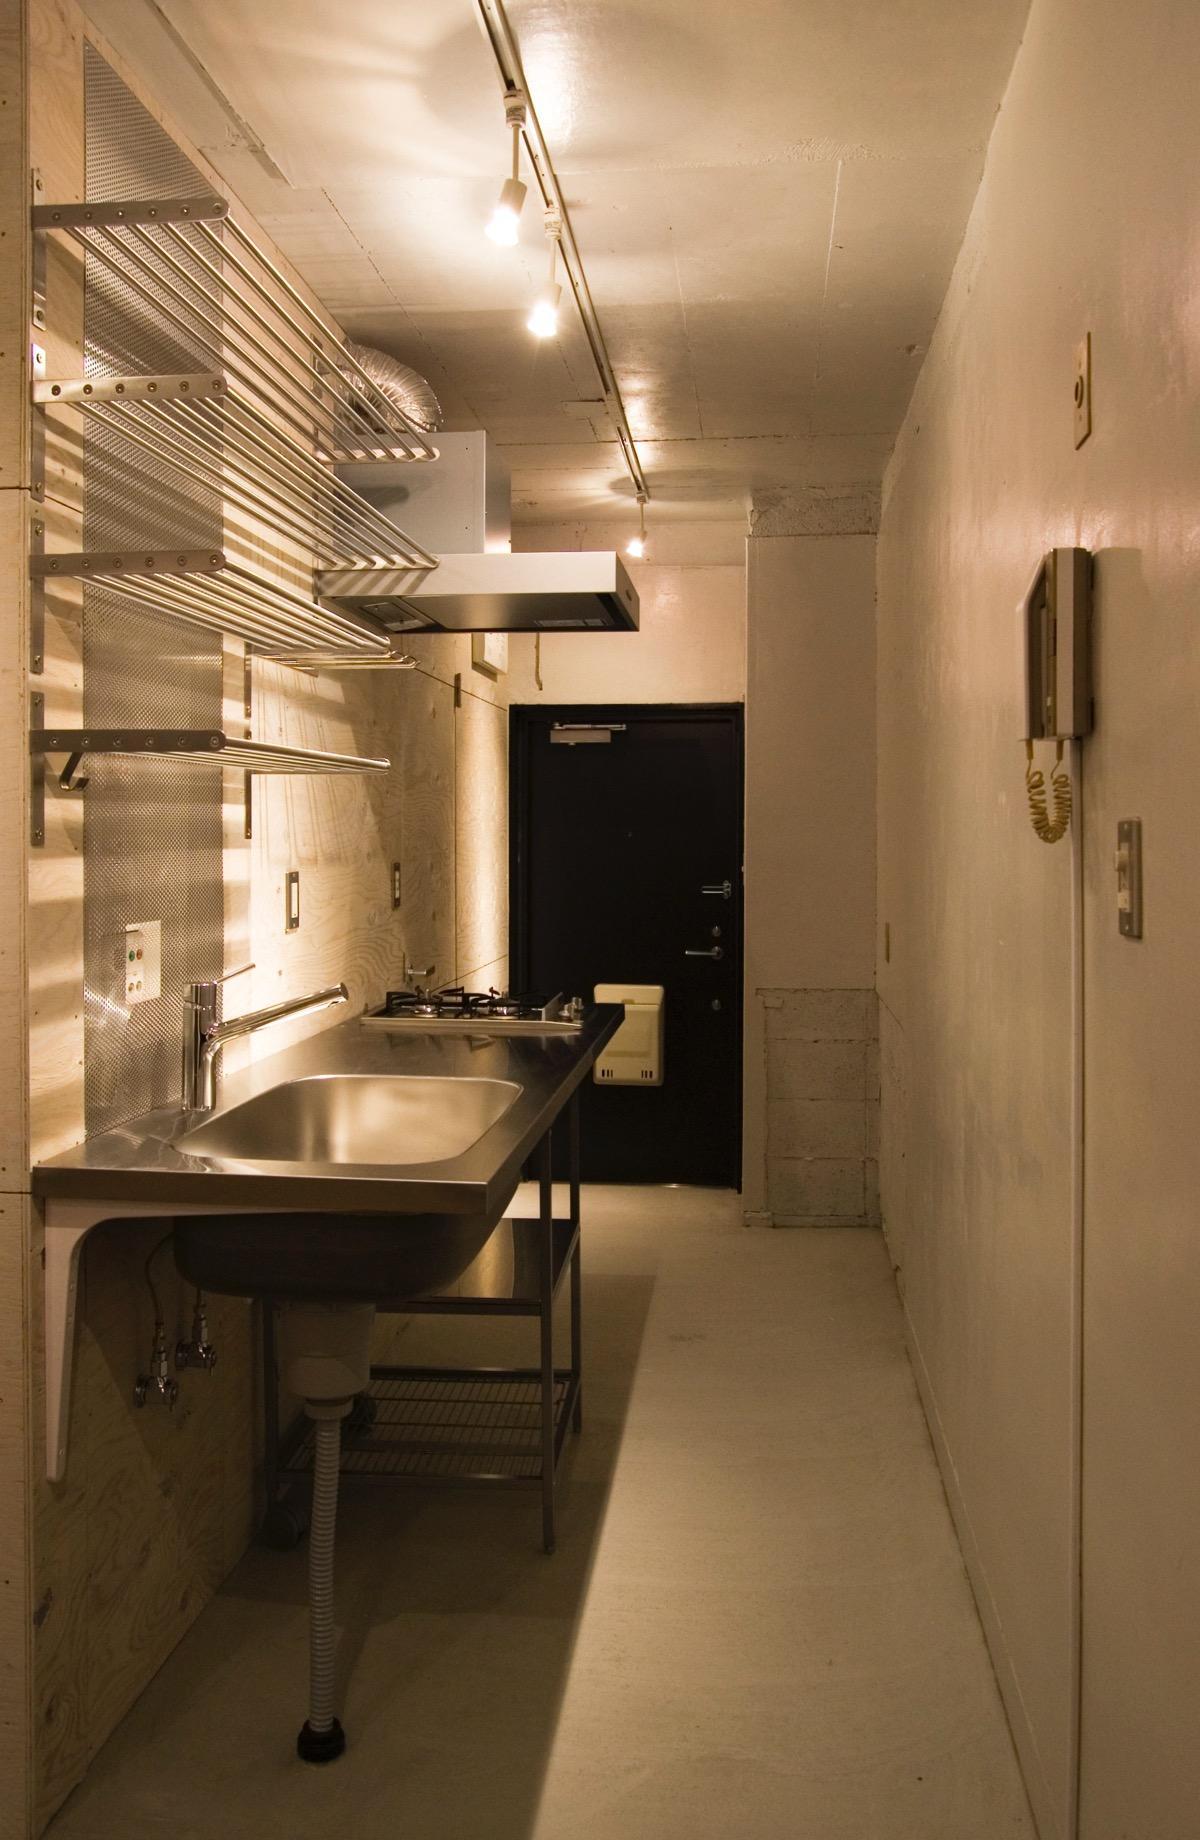 目黒の住宅の部屋 ステンレスキッチン